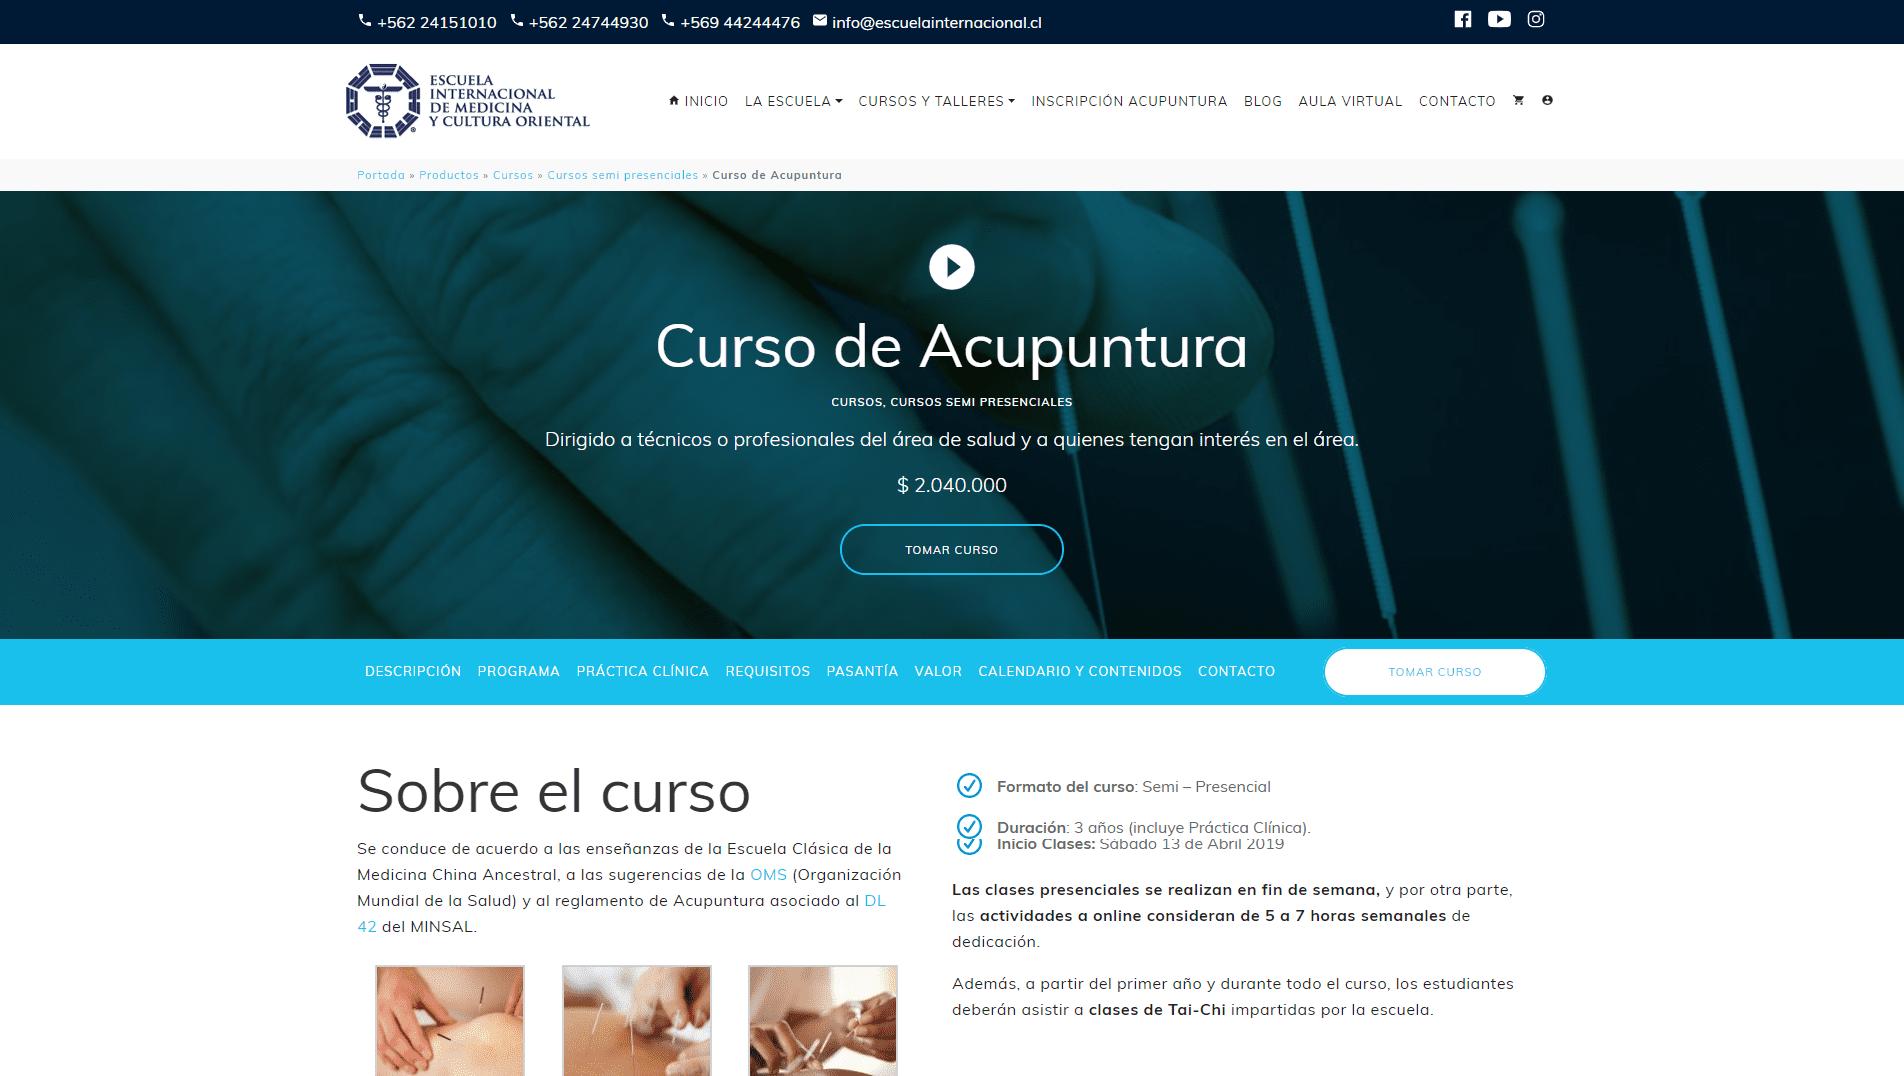 Curso Escuela Internacional de Medicina y Cultura Oriental